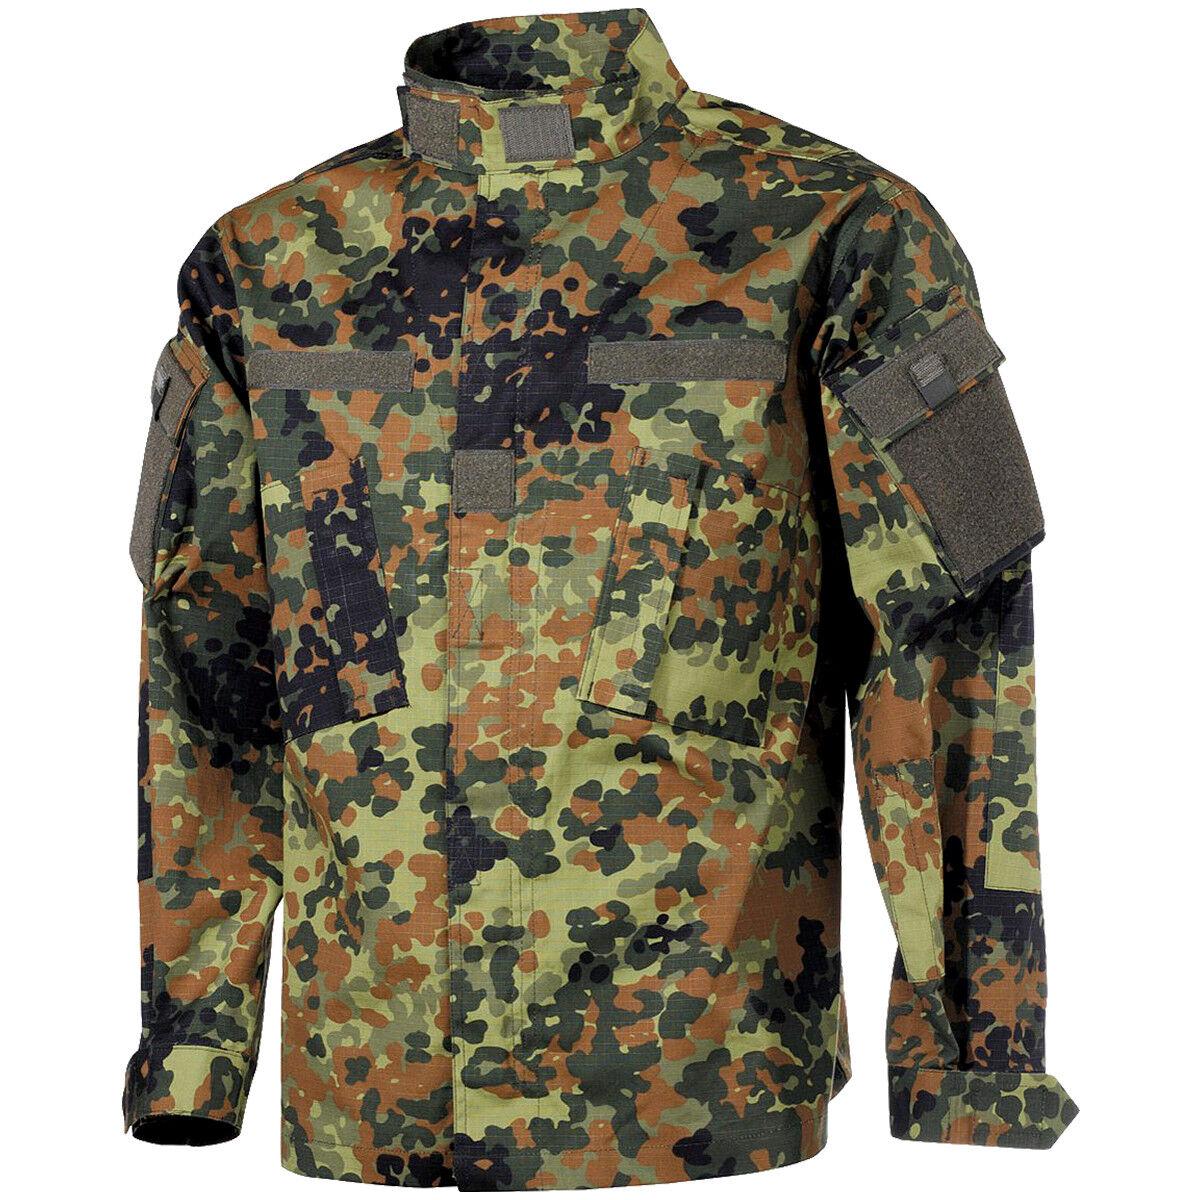 MFH Uomo ACU Giacca Da Da Da Campo Ripstop Shirt Esercito Uniforme Flecktarn Camo 50be05